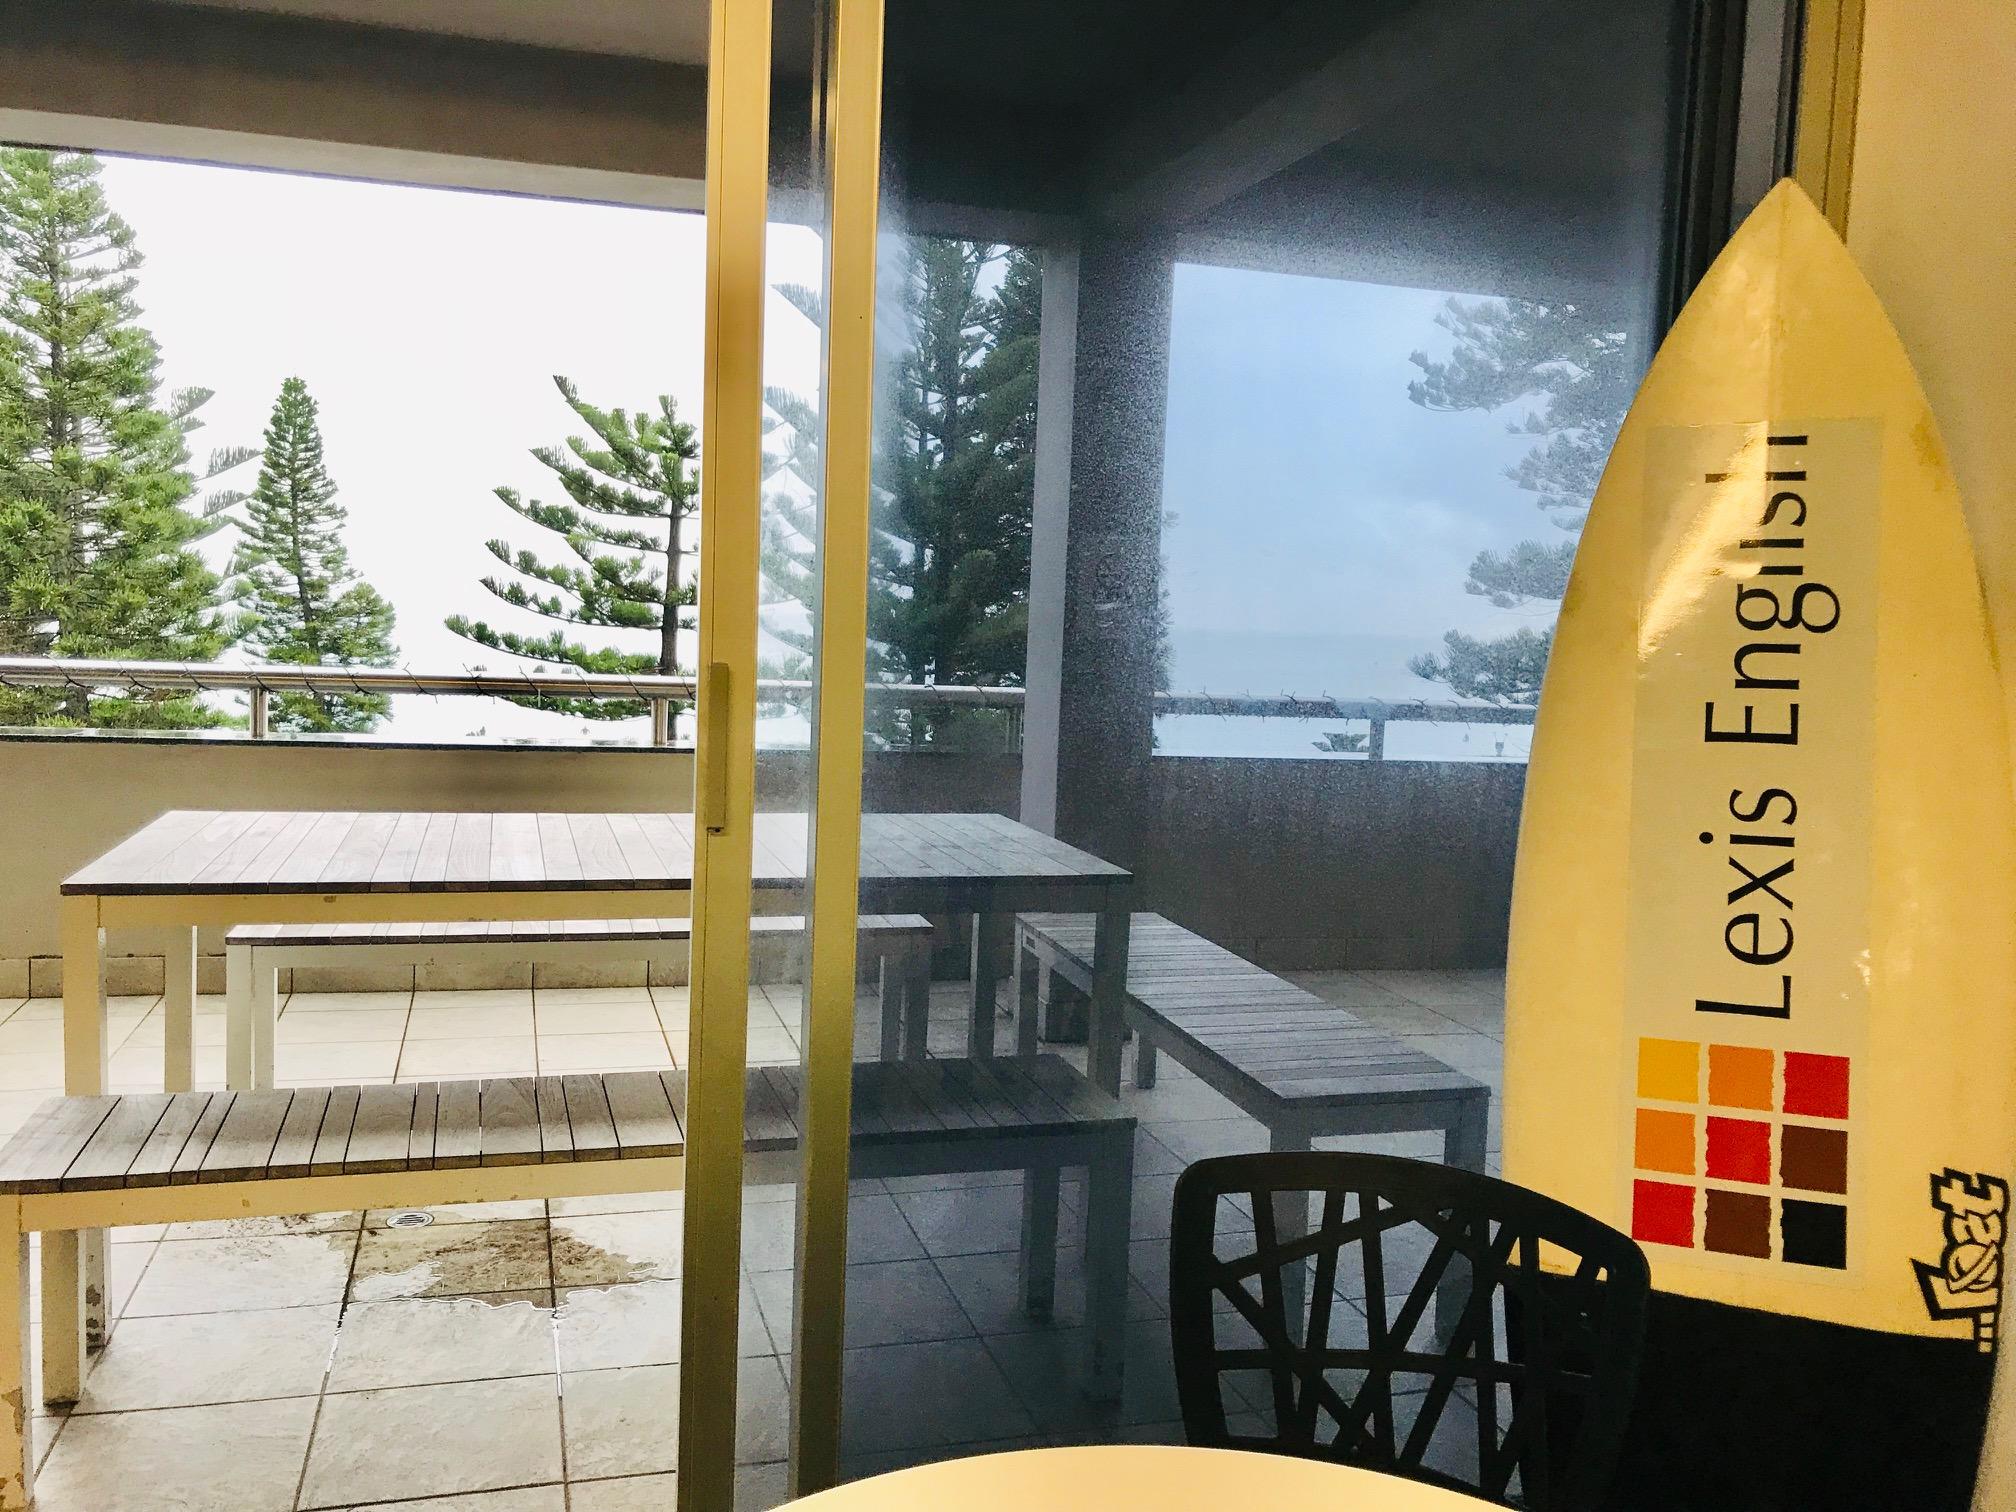 シドニーマンリーの1番人気語学学校Lexis(レクシス)週200ドルの超ビックキャンペーン (2019年9月30日まで)